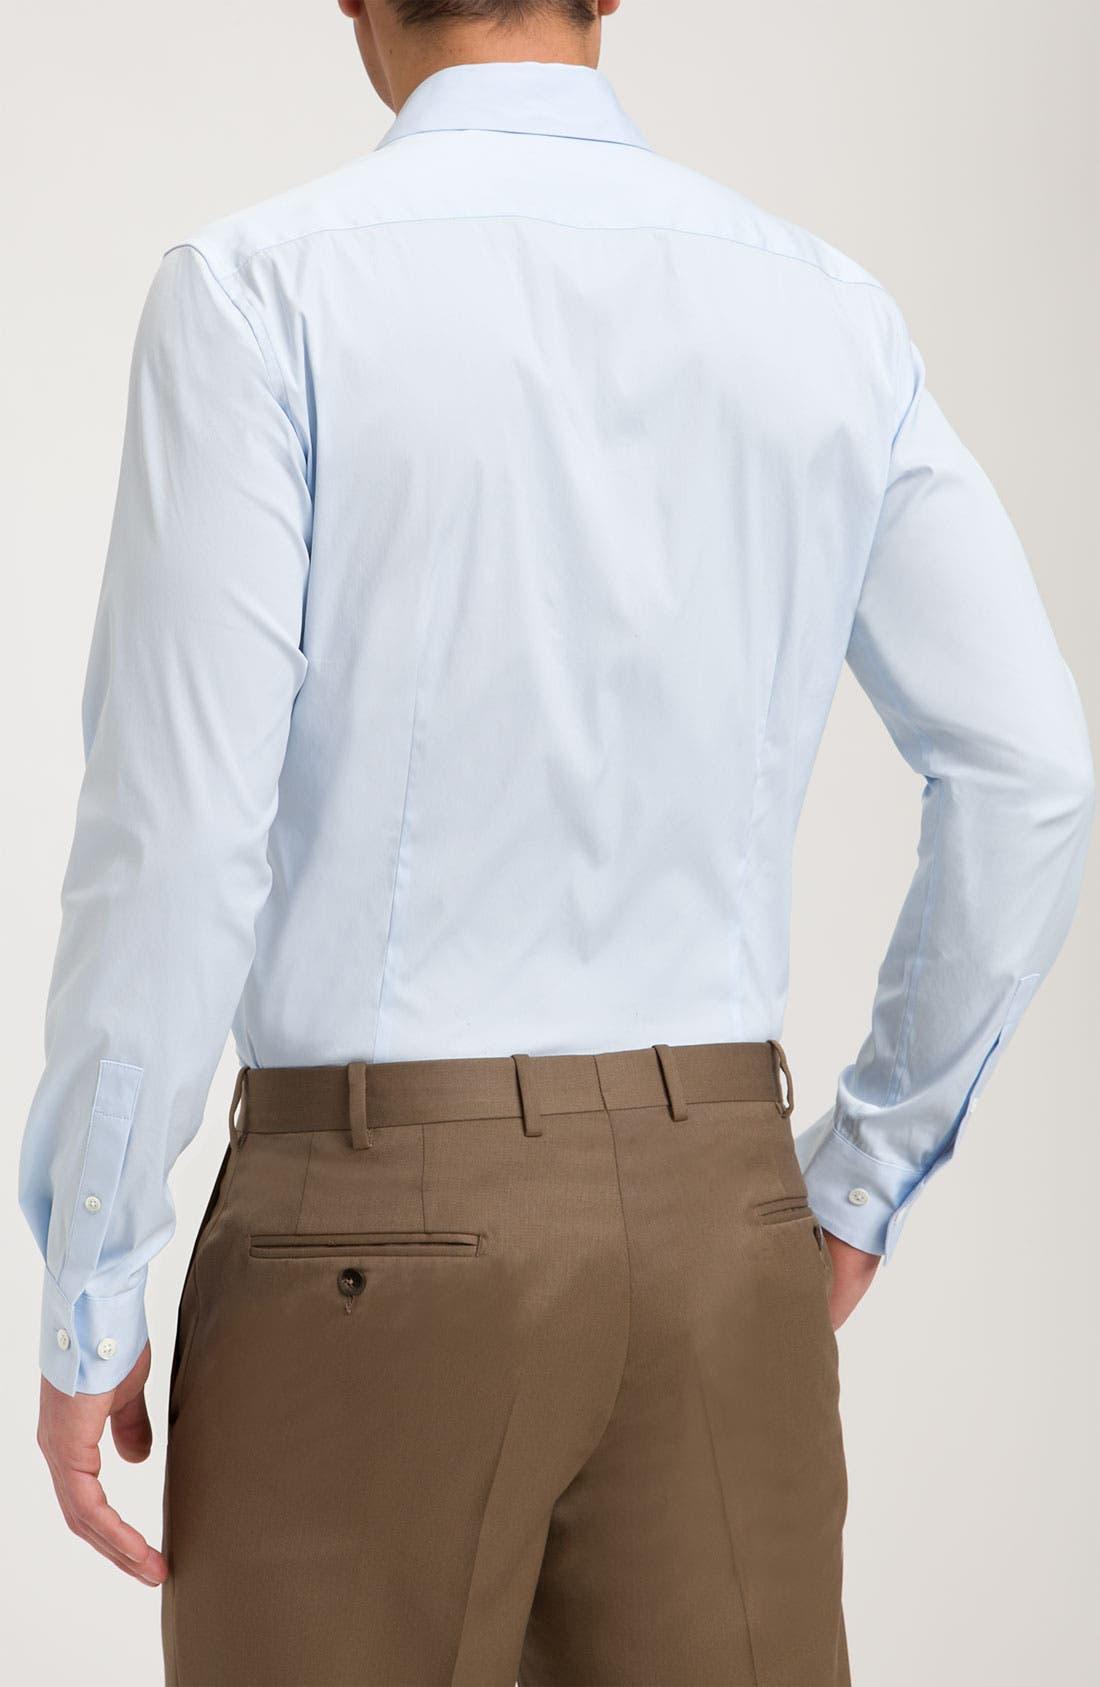 'Sylvain Wealth' Trim Fit Sport Shirt,                             Alternate thumbnail 9, color,                             426